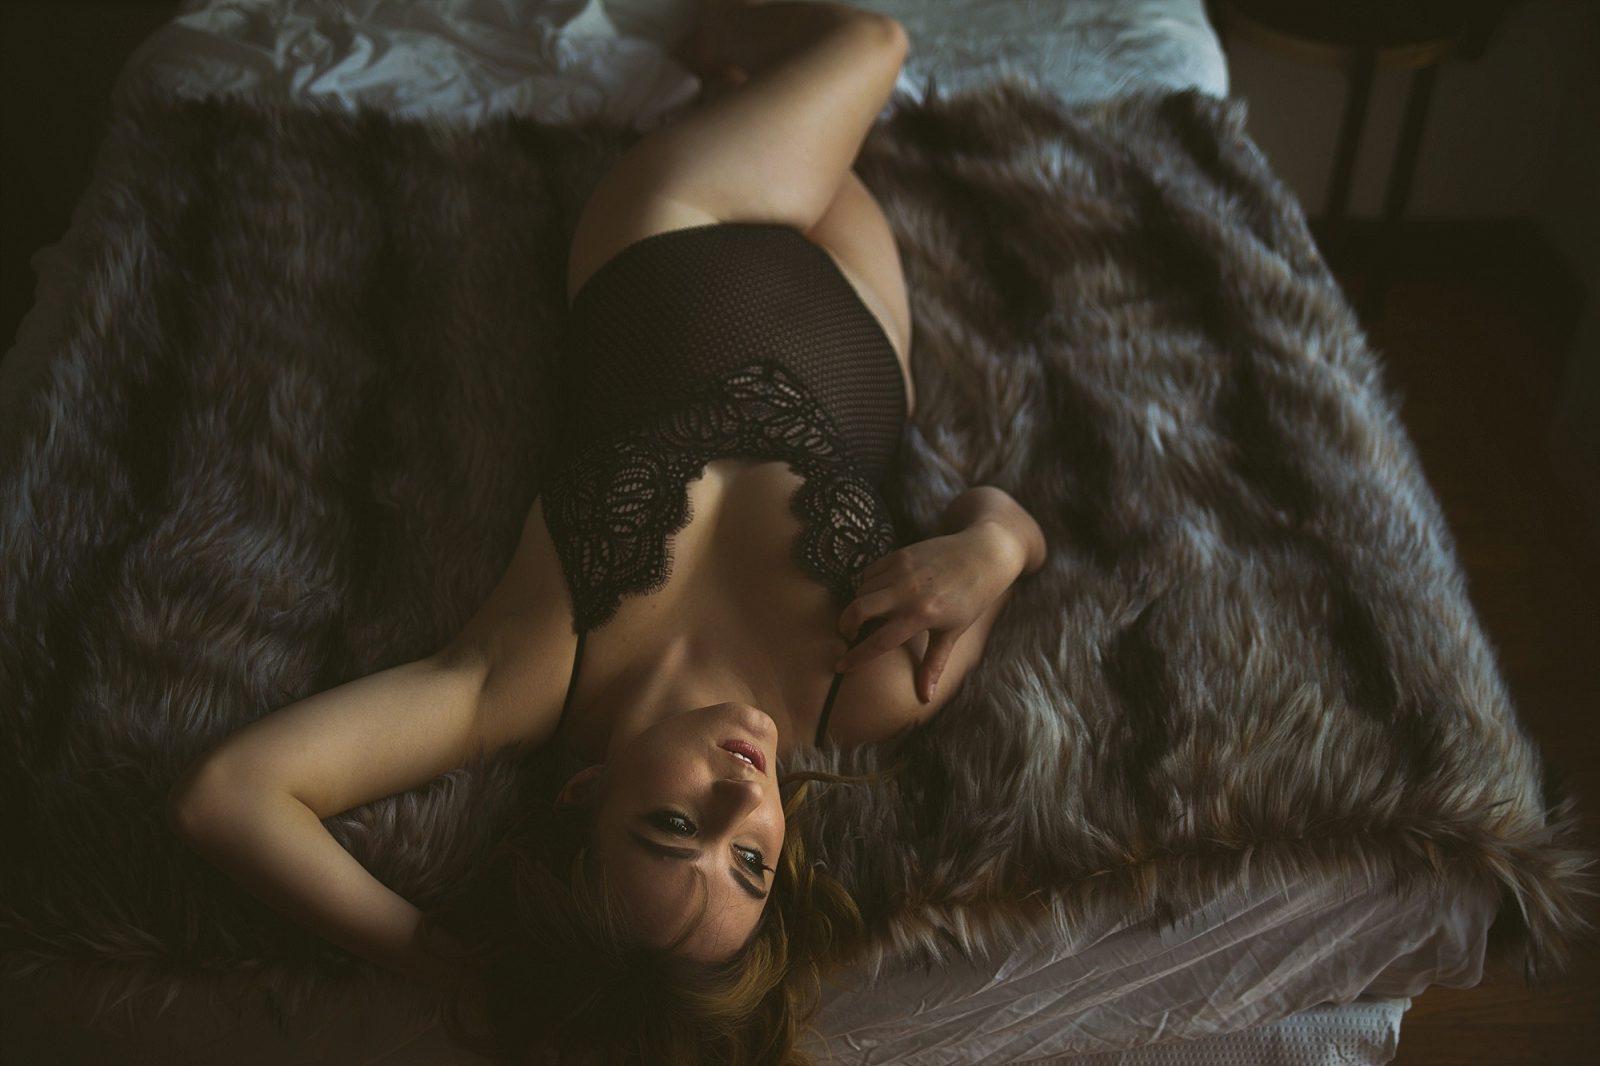 San-francisco-bay-area-boudoir-photography